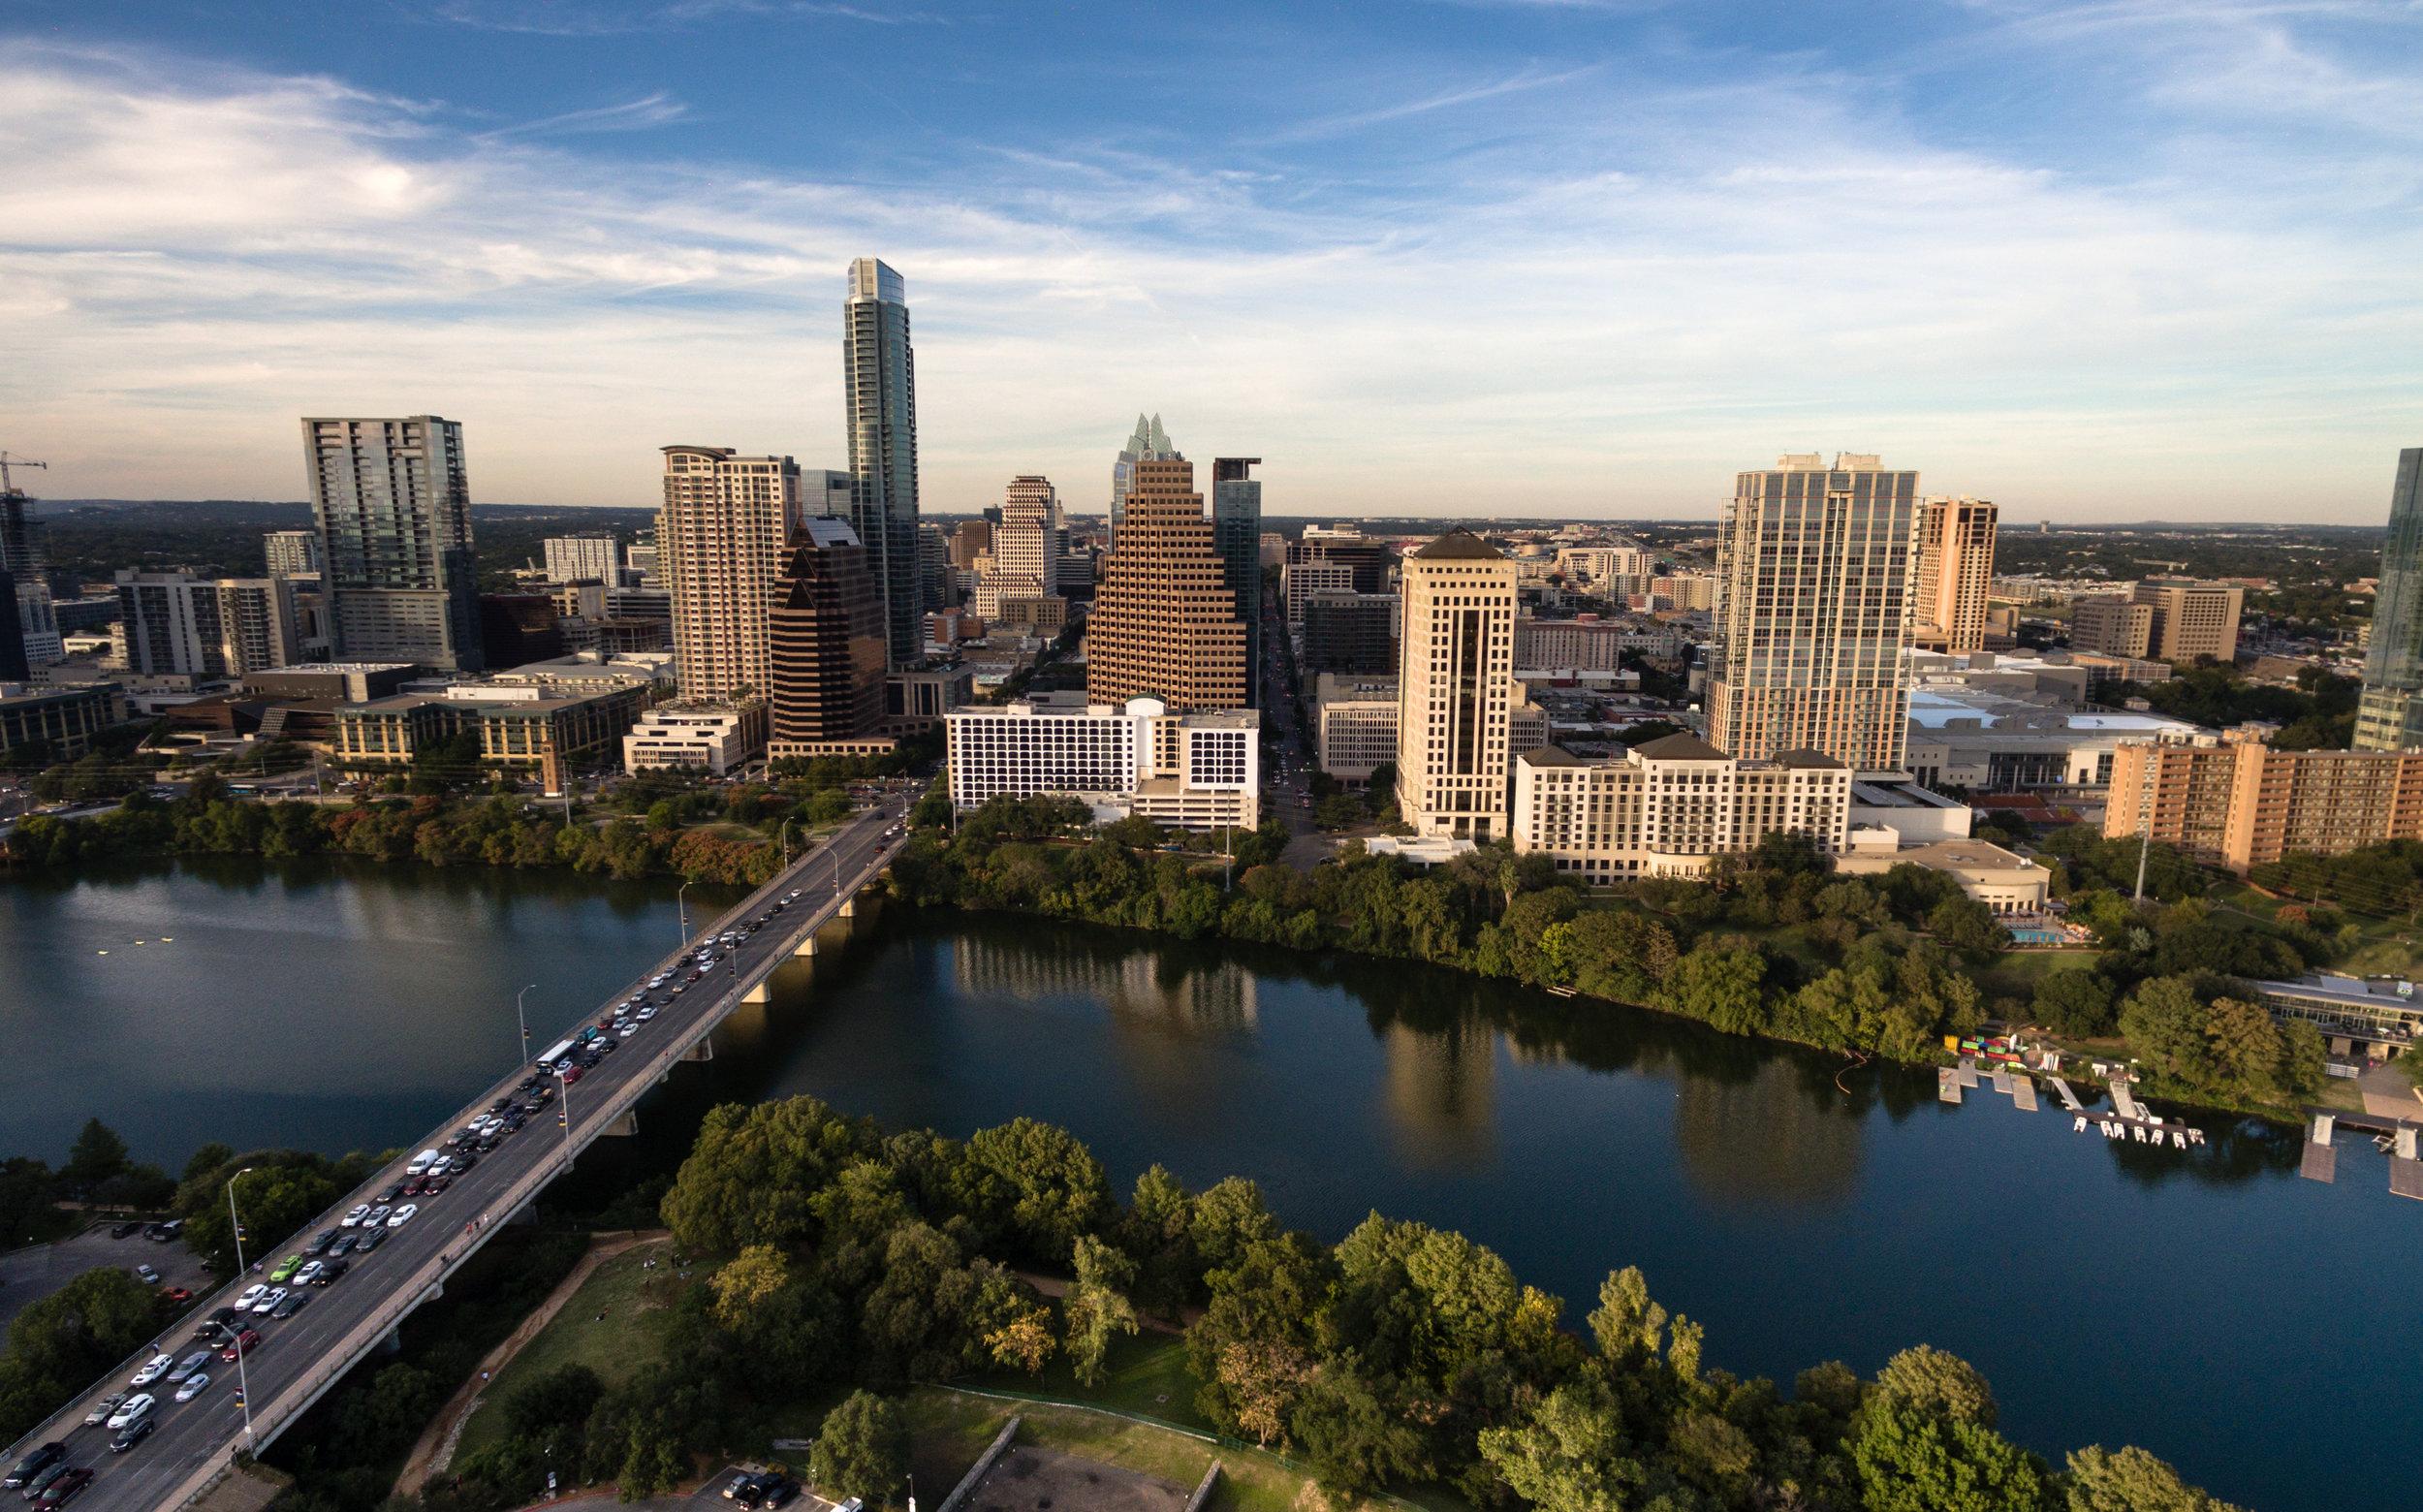 aerial-view-colorado-river-downtown-city-skyline-ANJFQBV.jpg